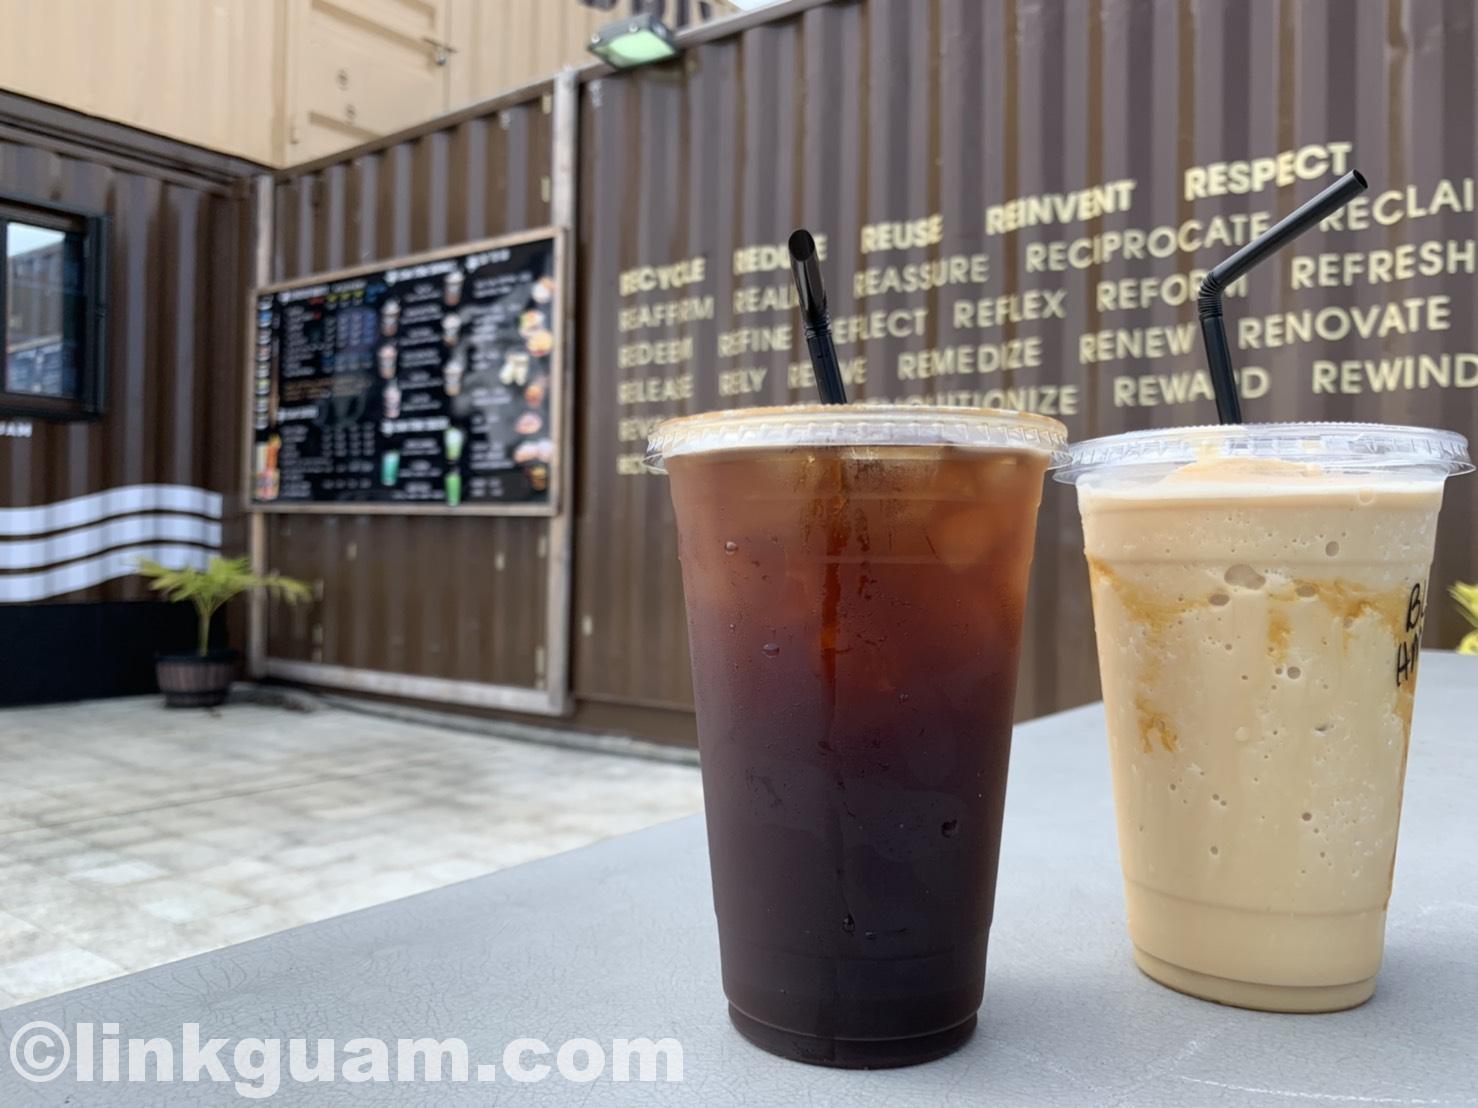 グアム カフェ おしゃれ インパクト 映えスリングストーン コーヒー guam cafe slingstone coffee tea